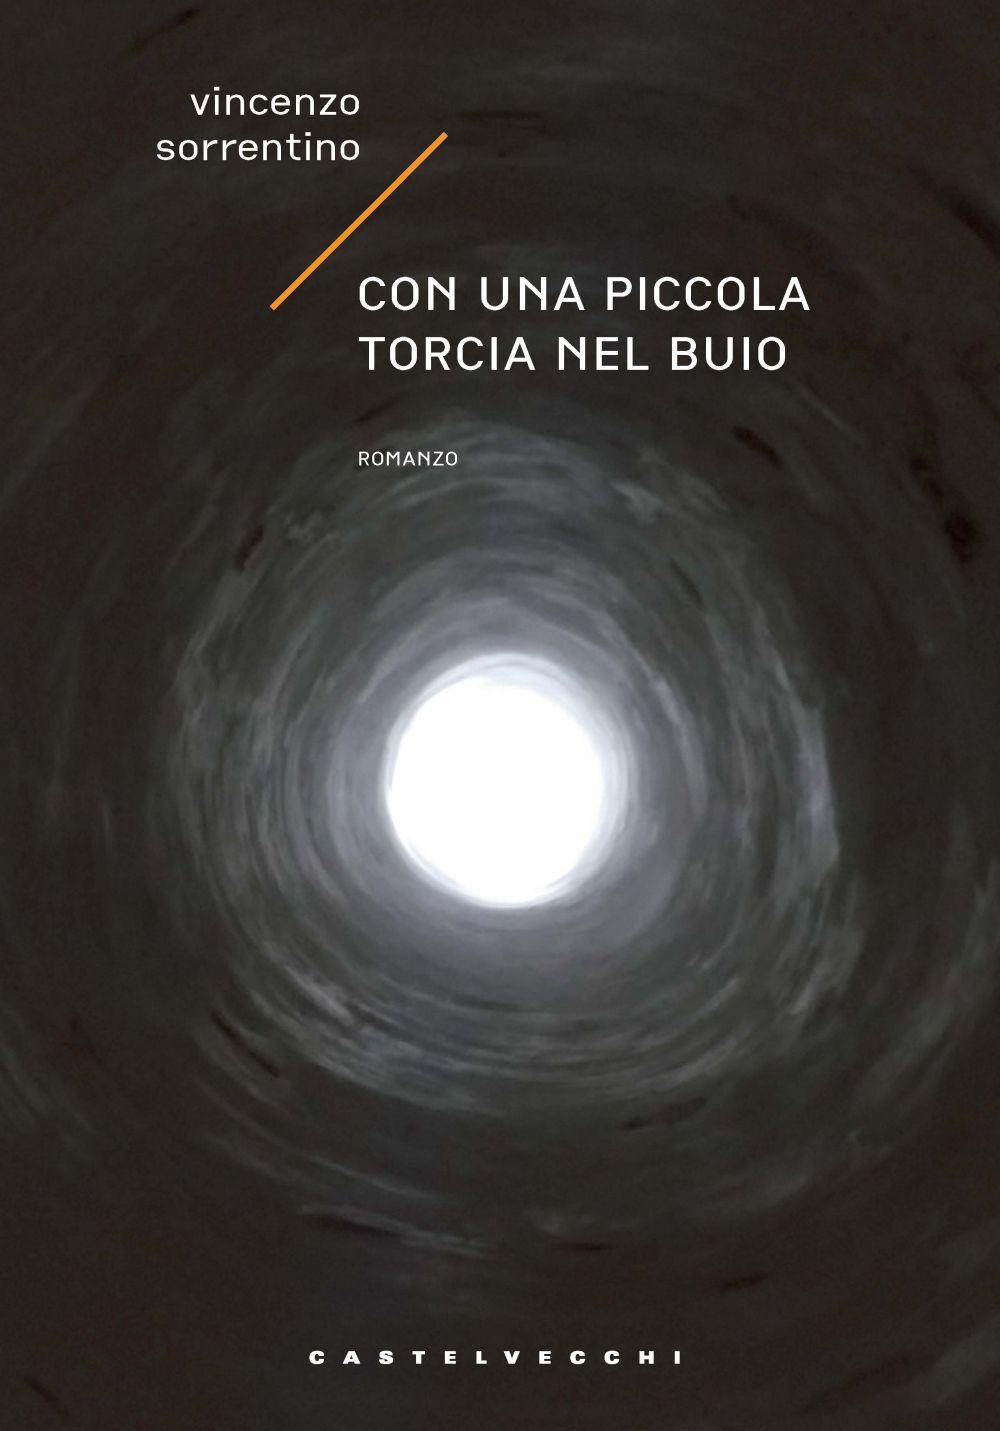 CON UNA PICCOLA TORCIA NEL BUIO - 9788832829648